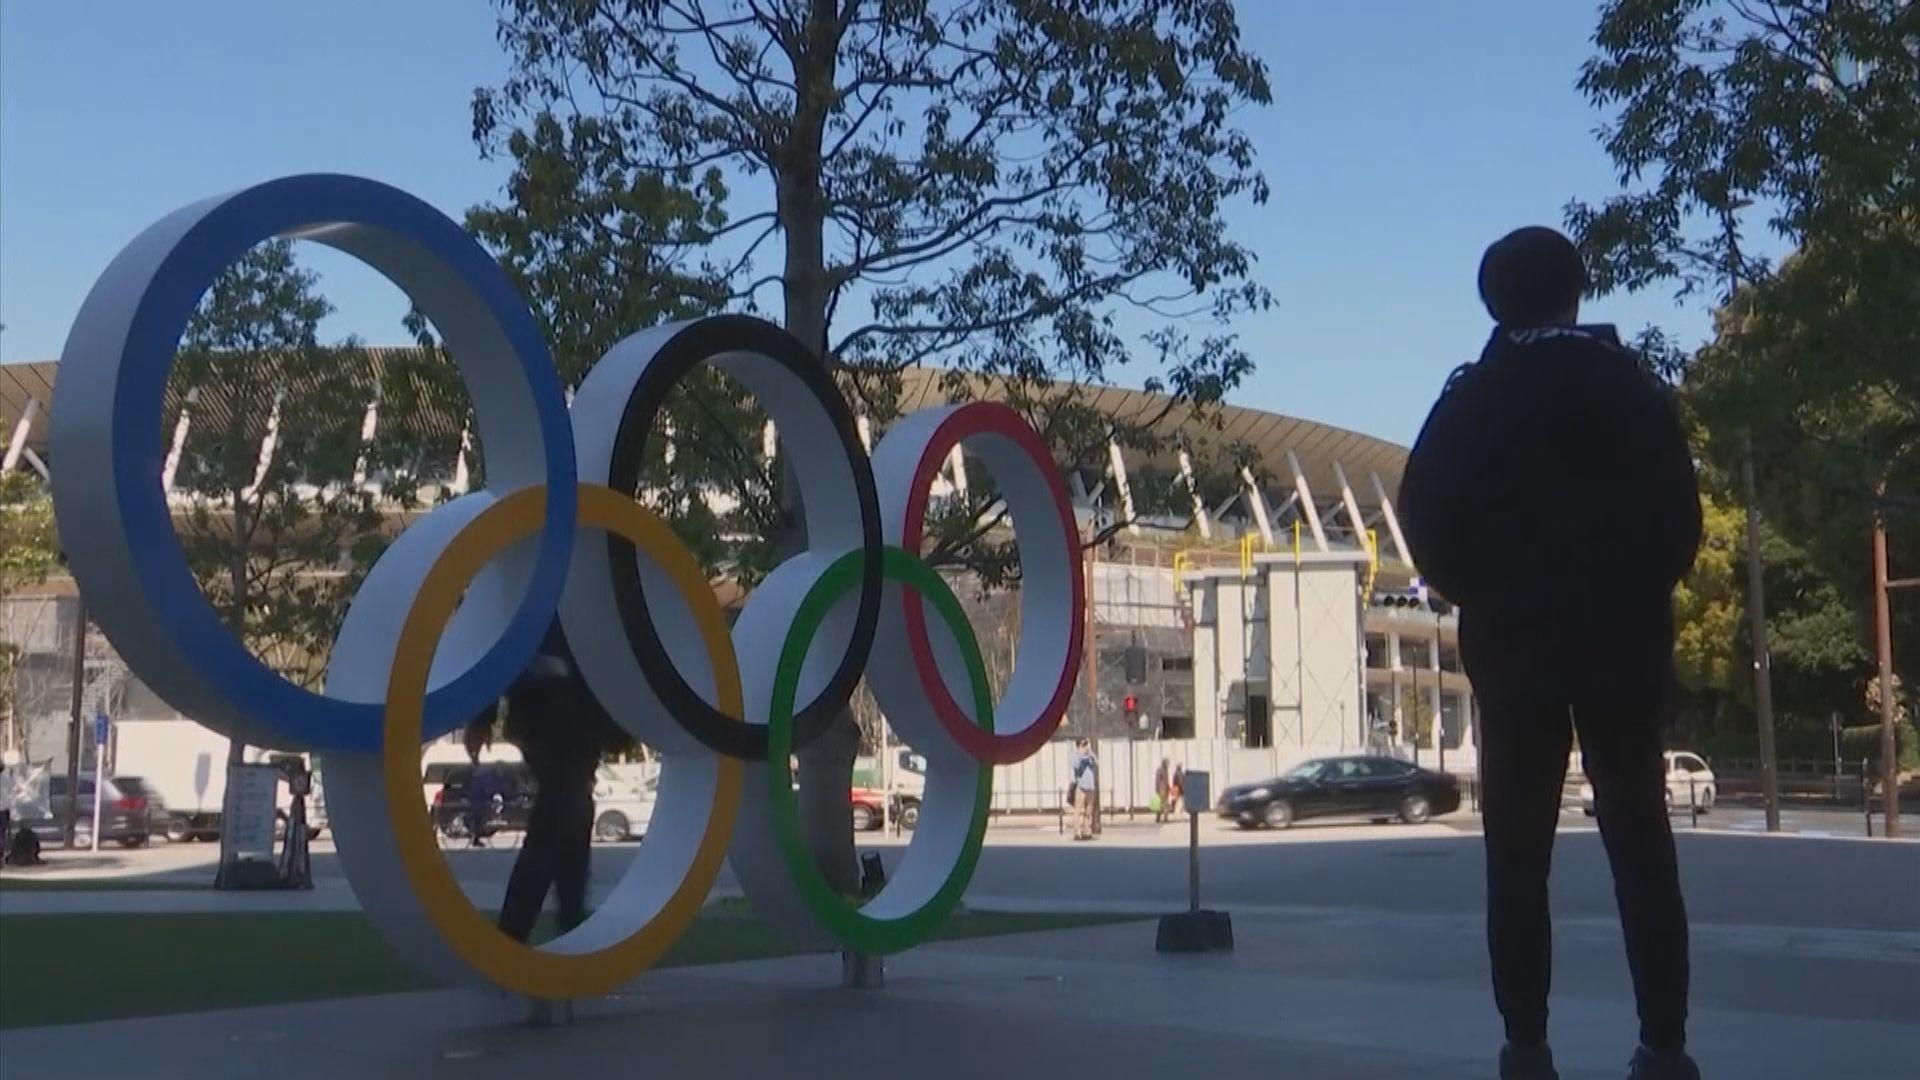 英媒指日本擬取消東京奧運 內閣官房副長官否認